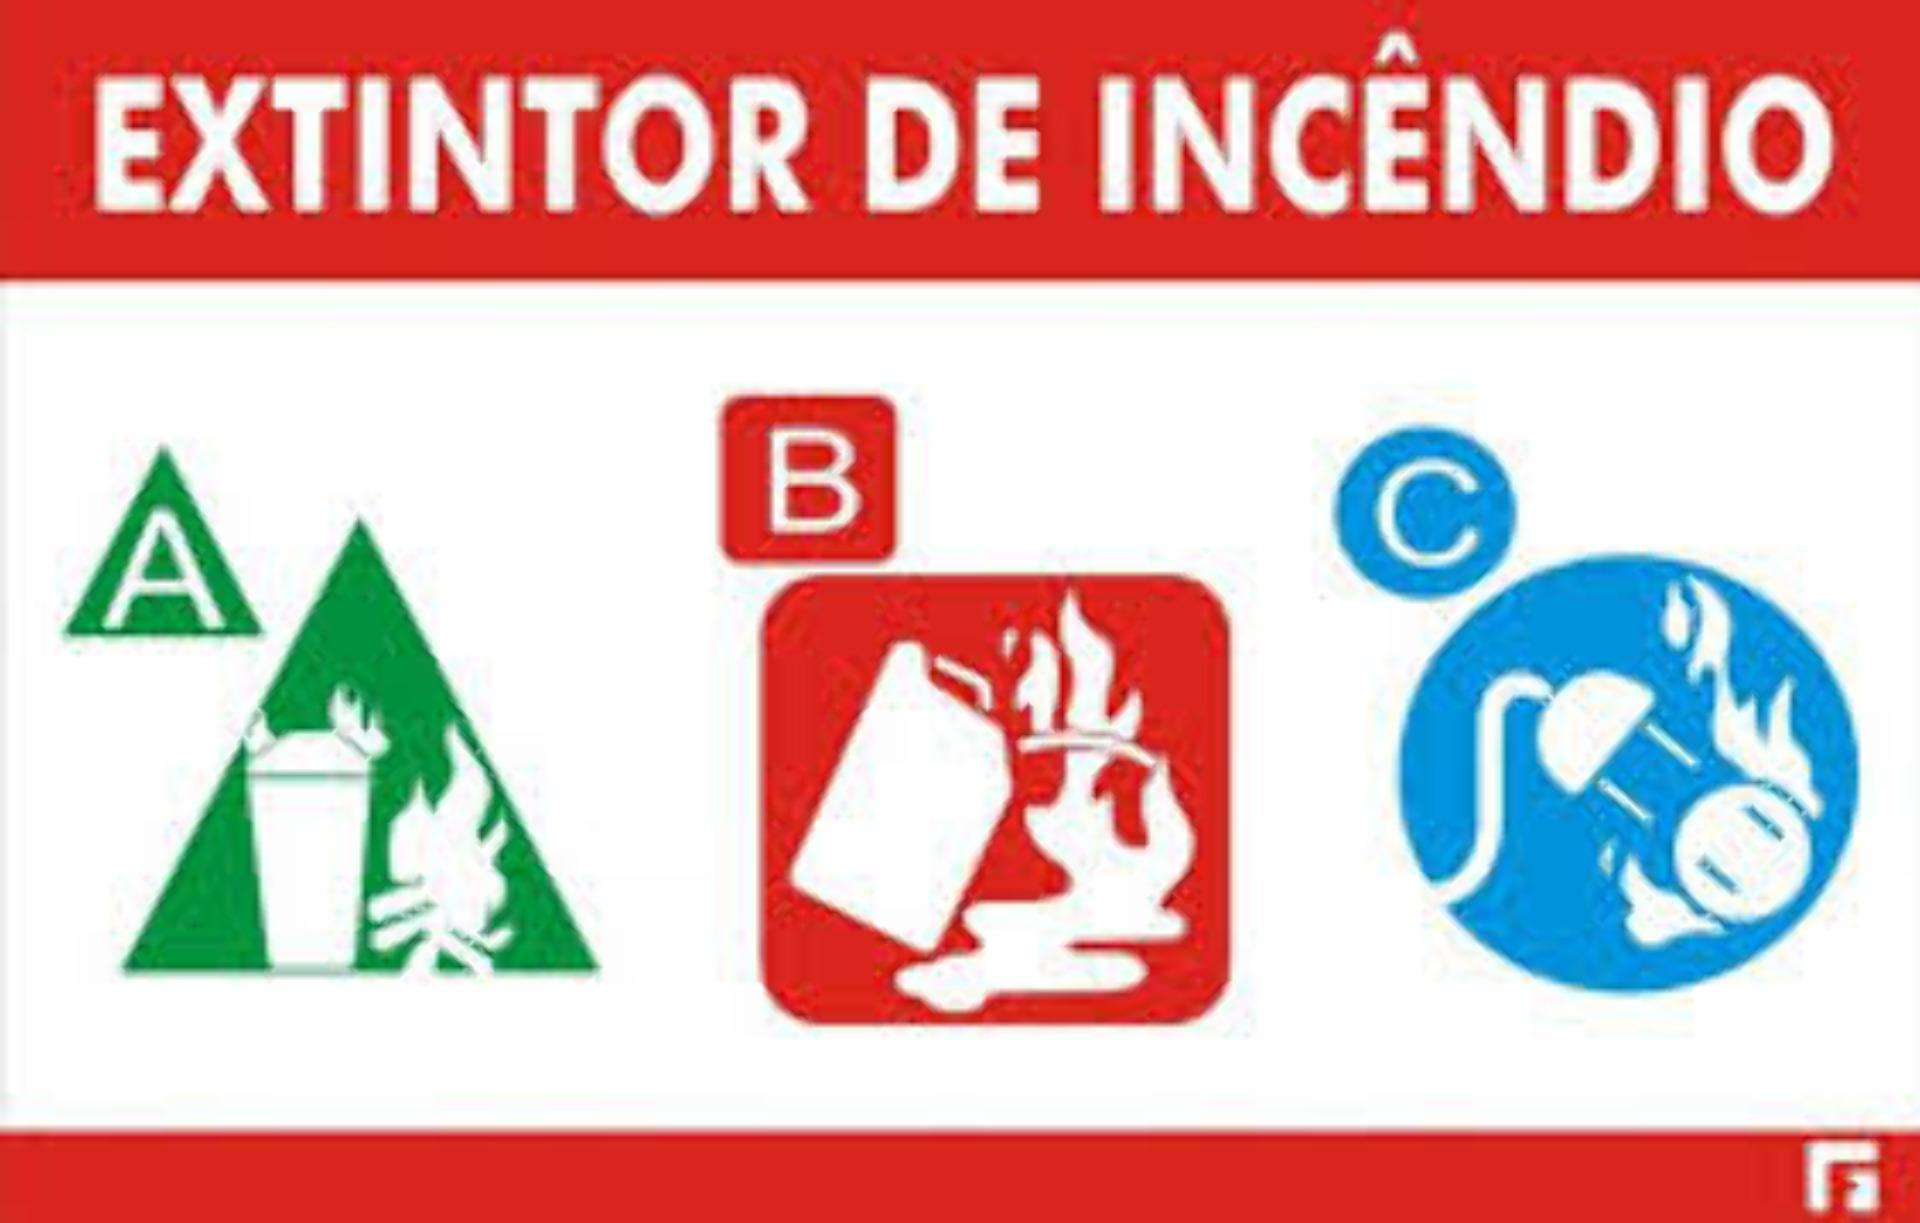 NOVO EXTINTOR DE INCÊNDIO ABC